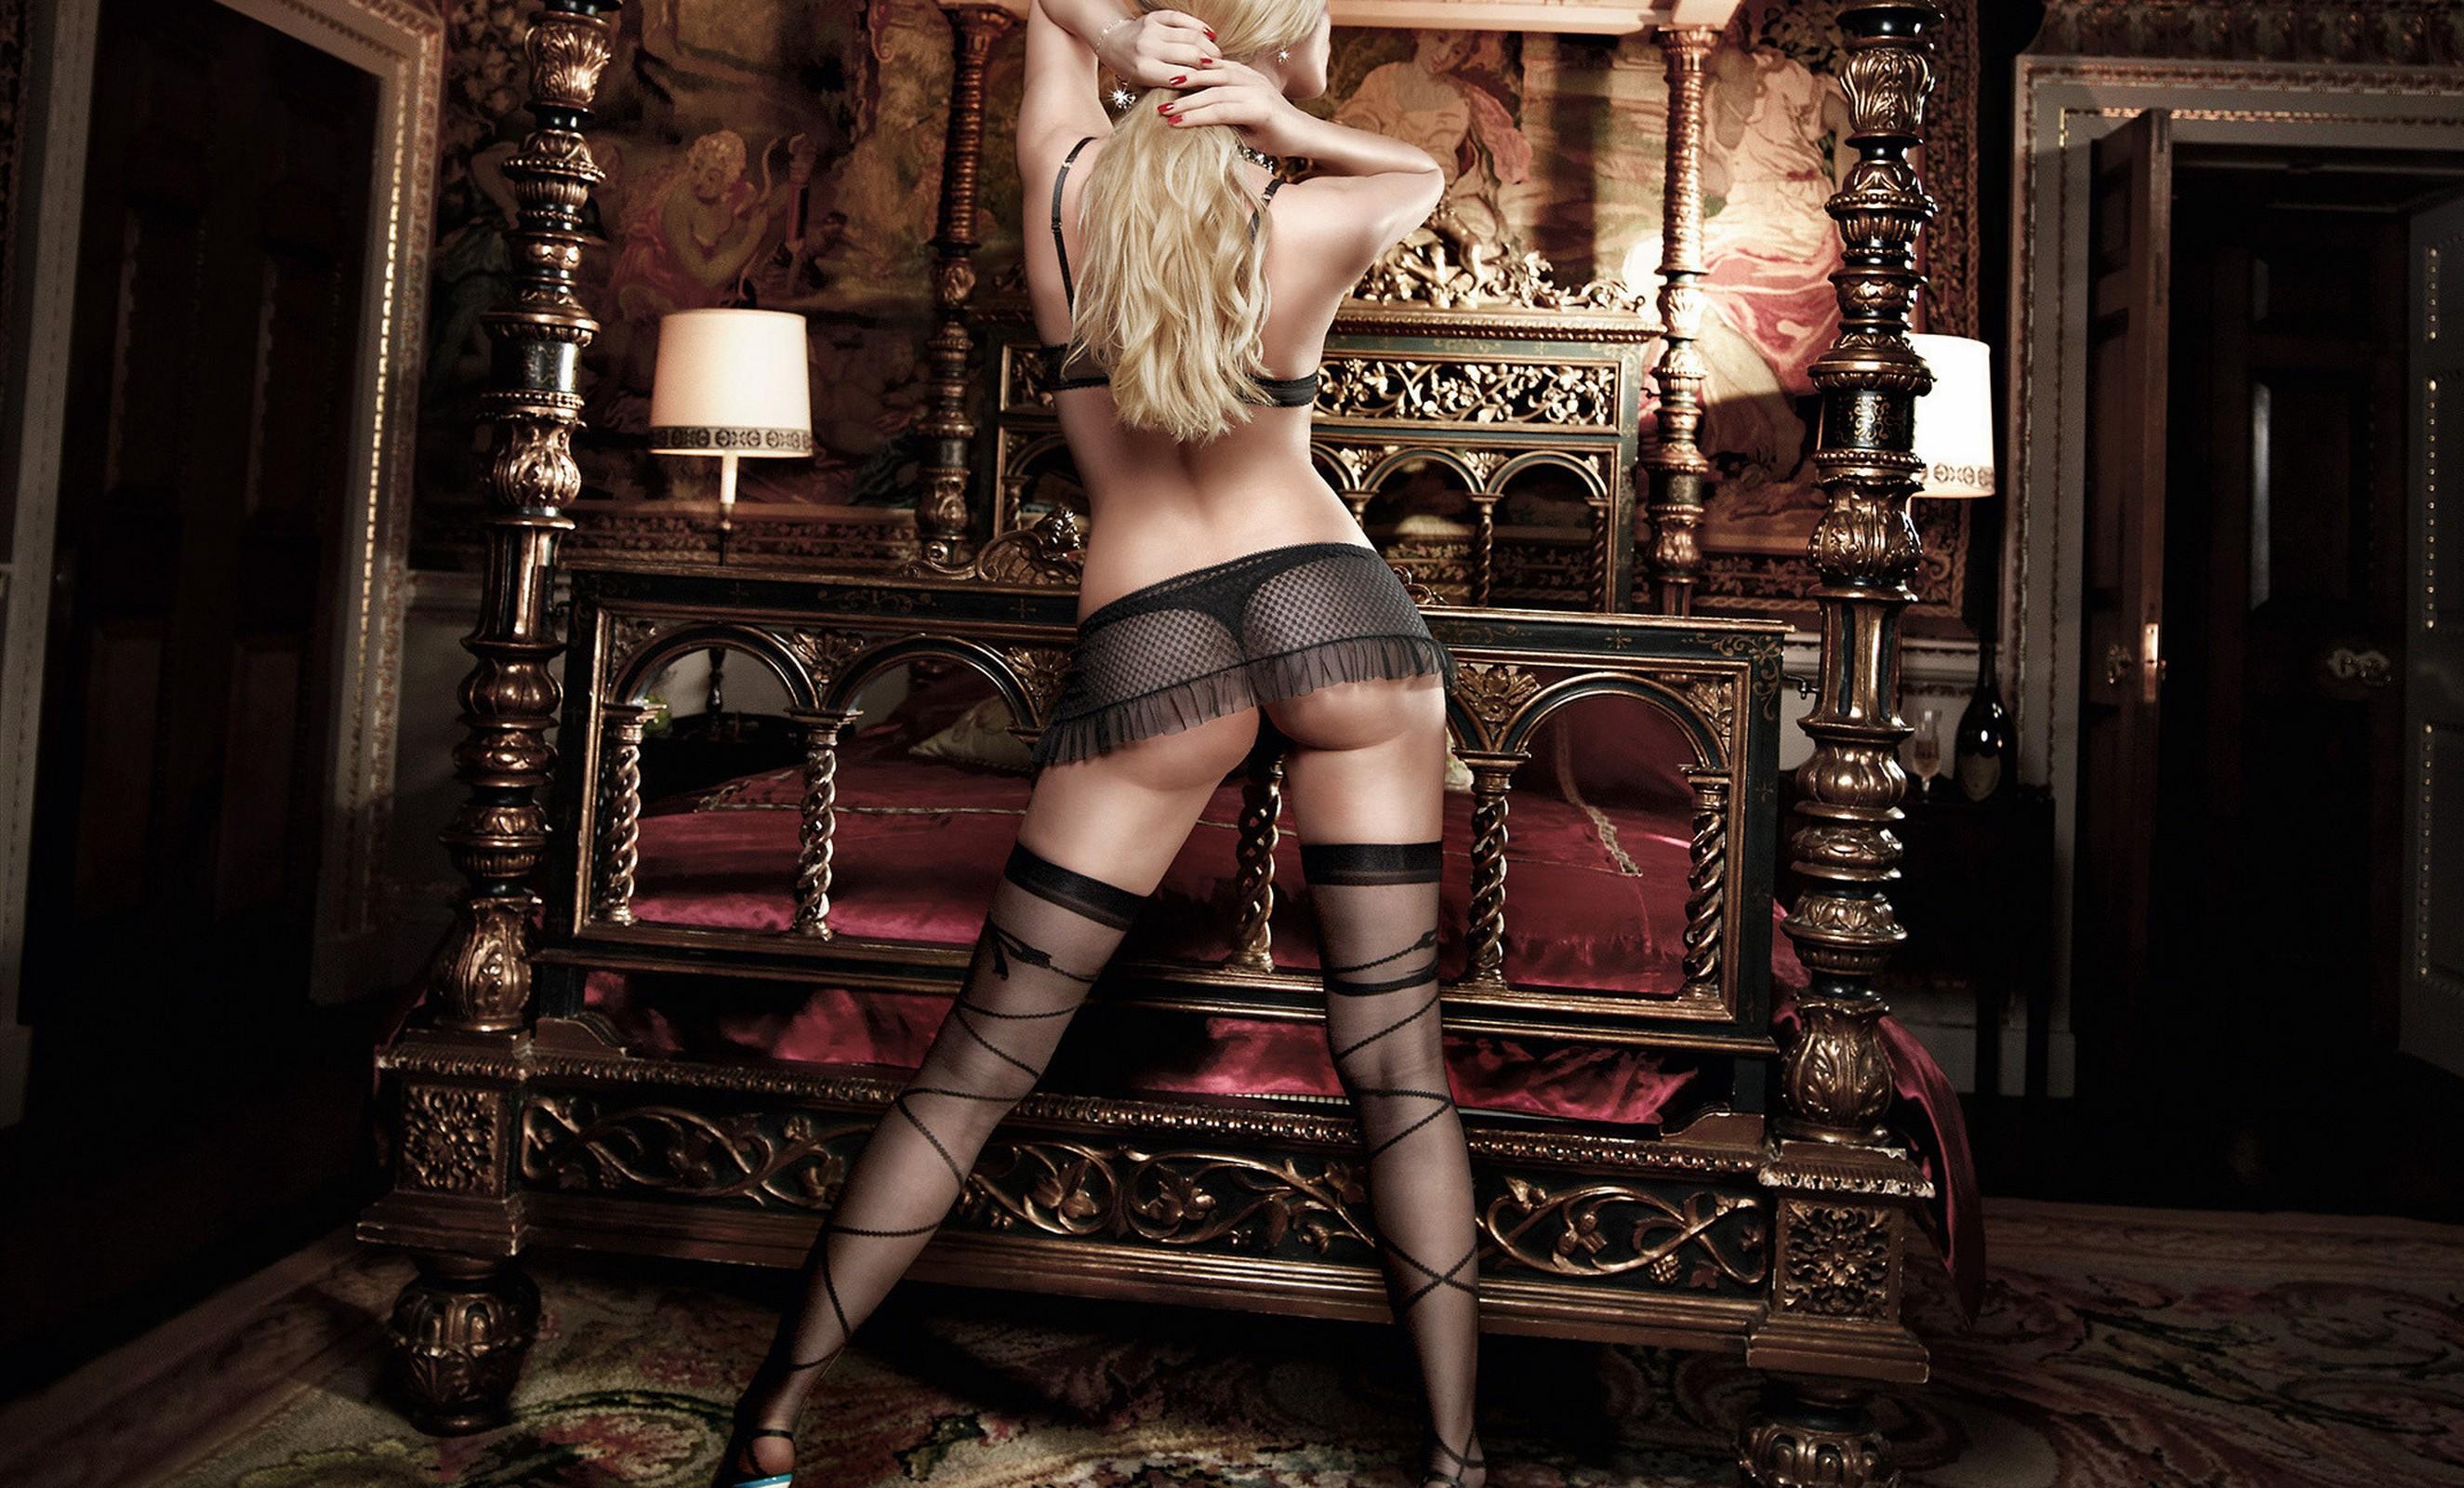 Эксклюзивные эротические фотографии 8 фотография